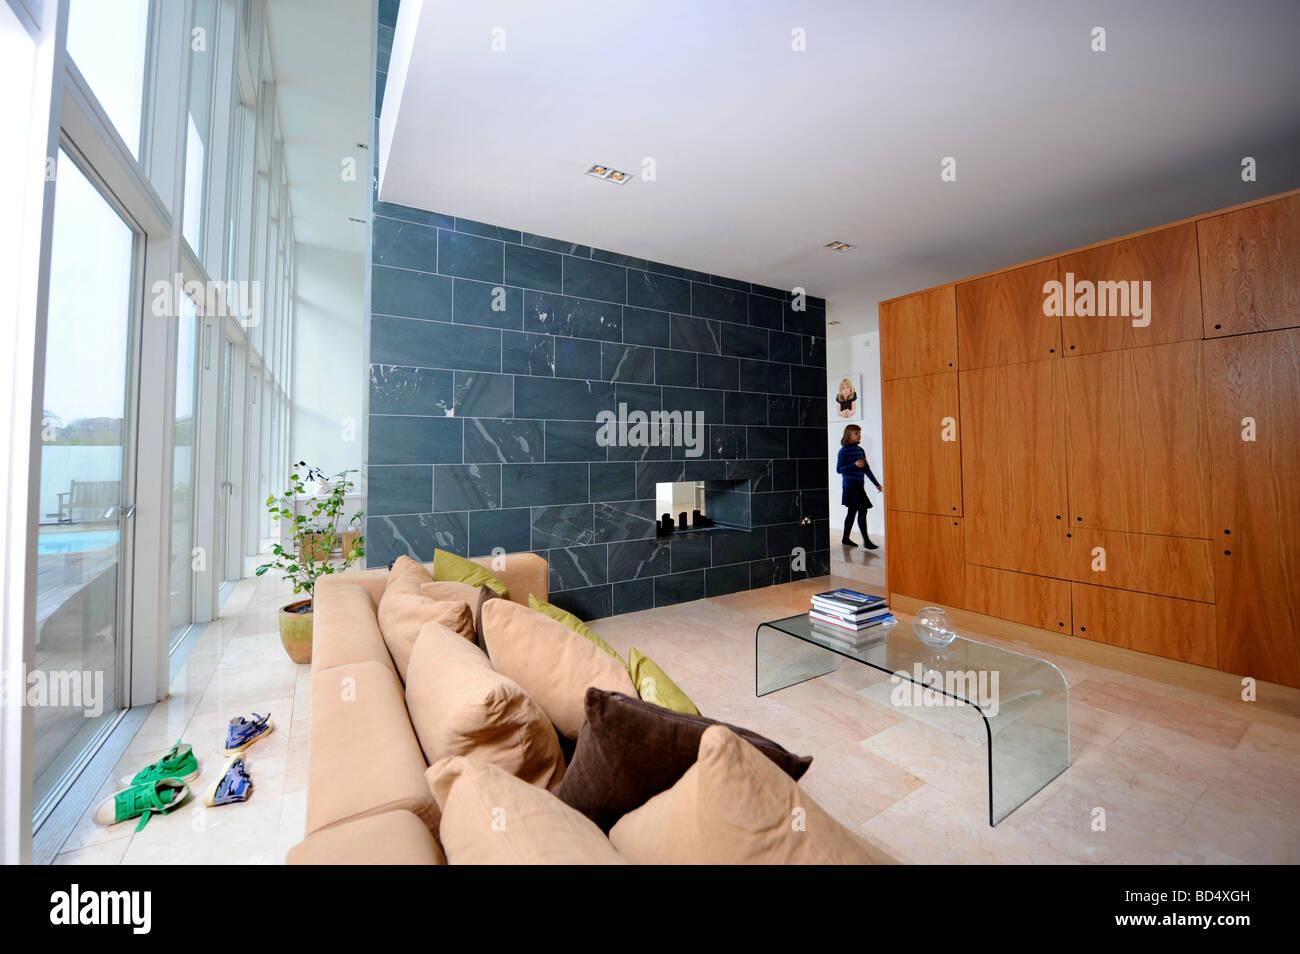 DAS BLAUE HAUS IN SNEYD PARK BRISTOL ALS SONDERANGEBOT-KANAL VIER S GRAND DESIGNS UK Stockfoto